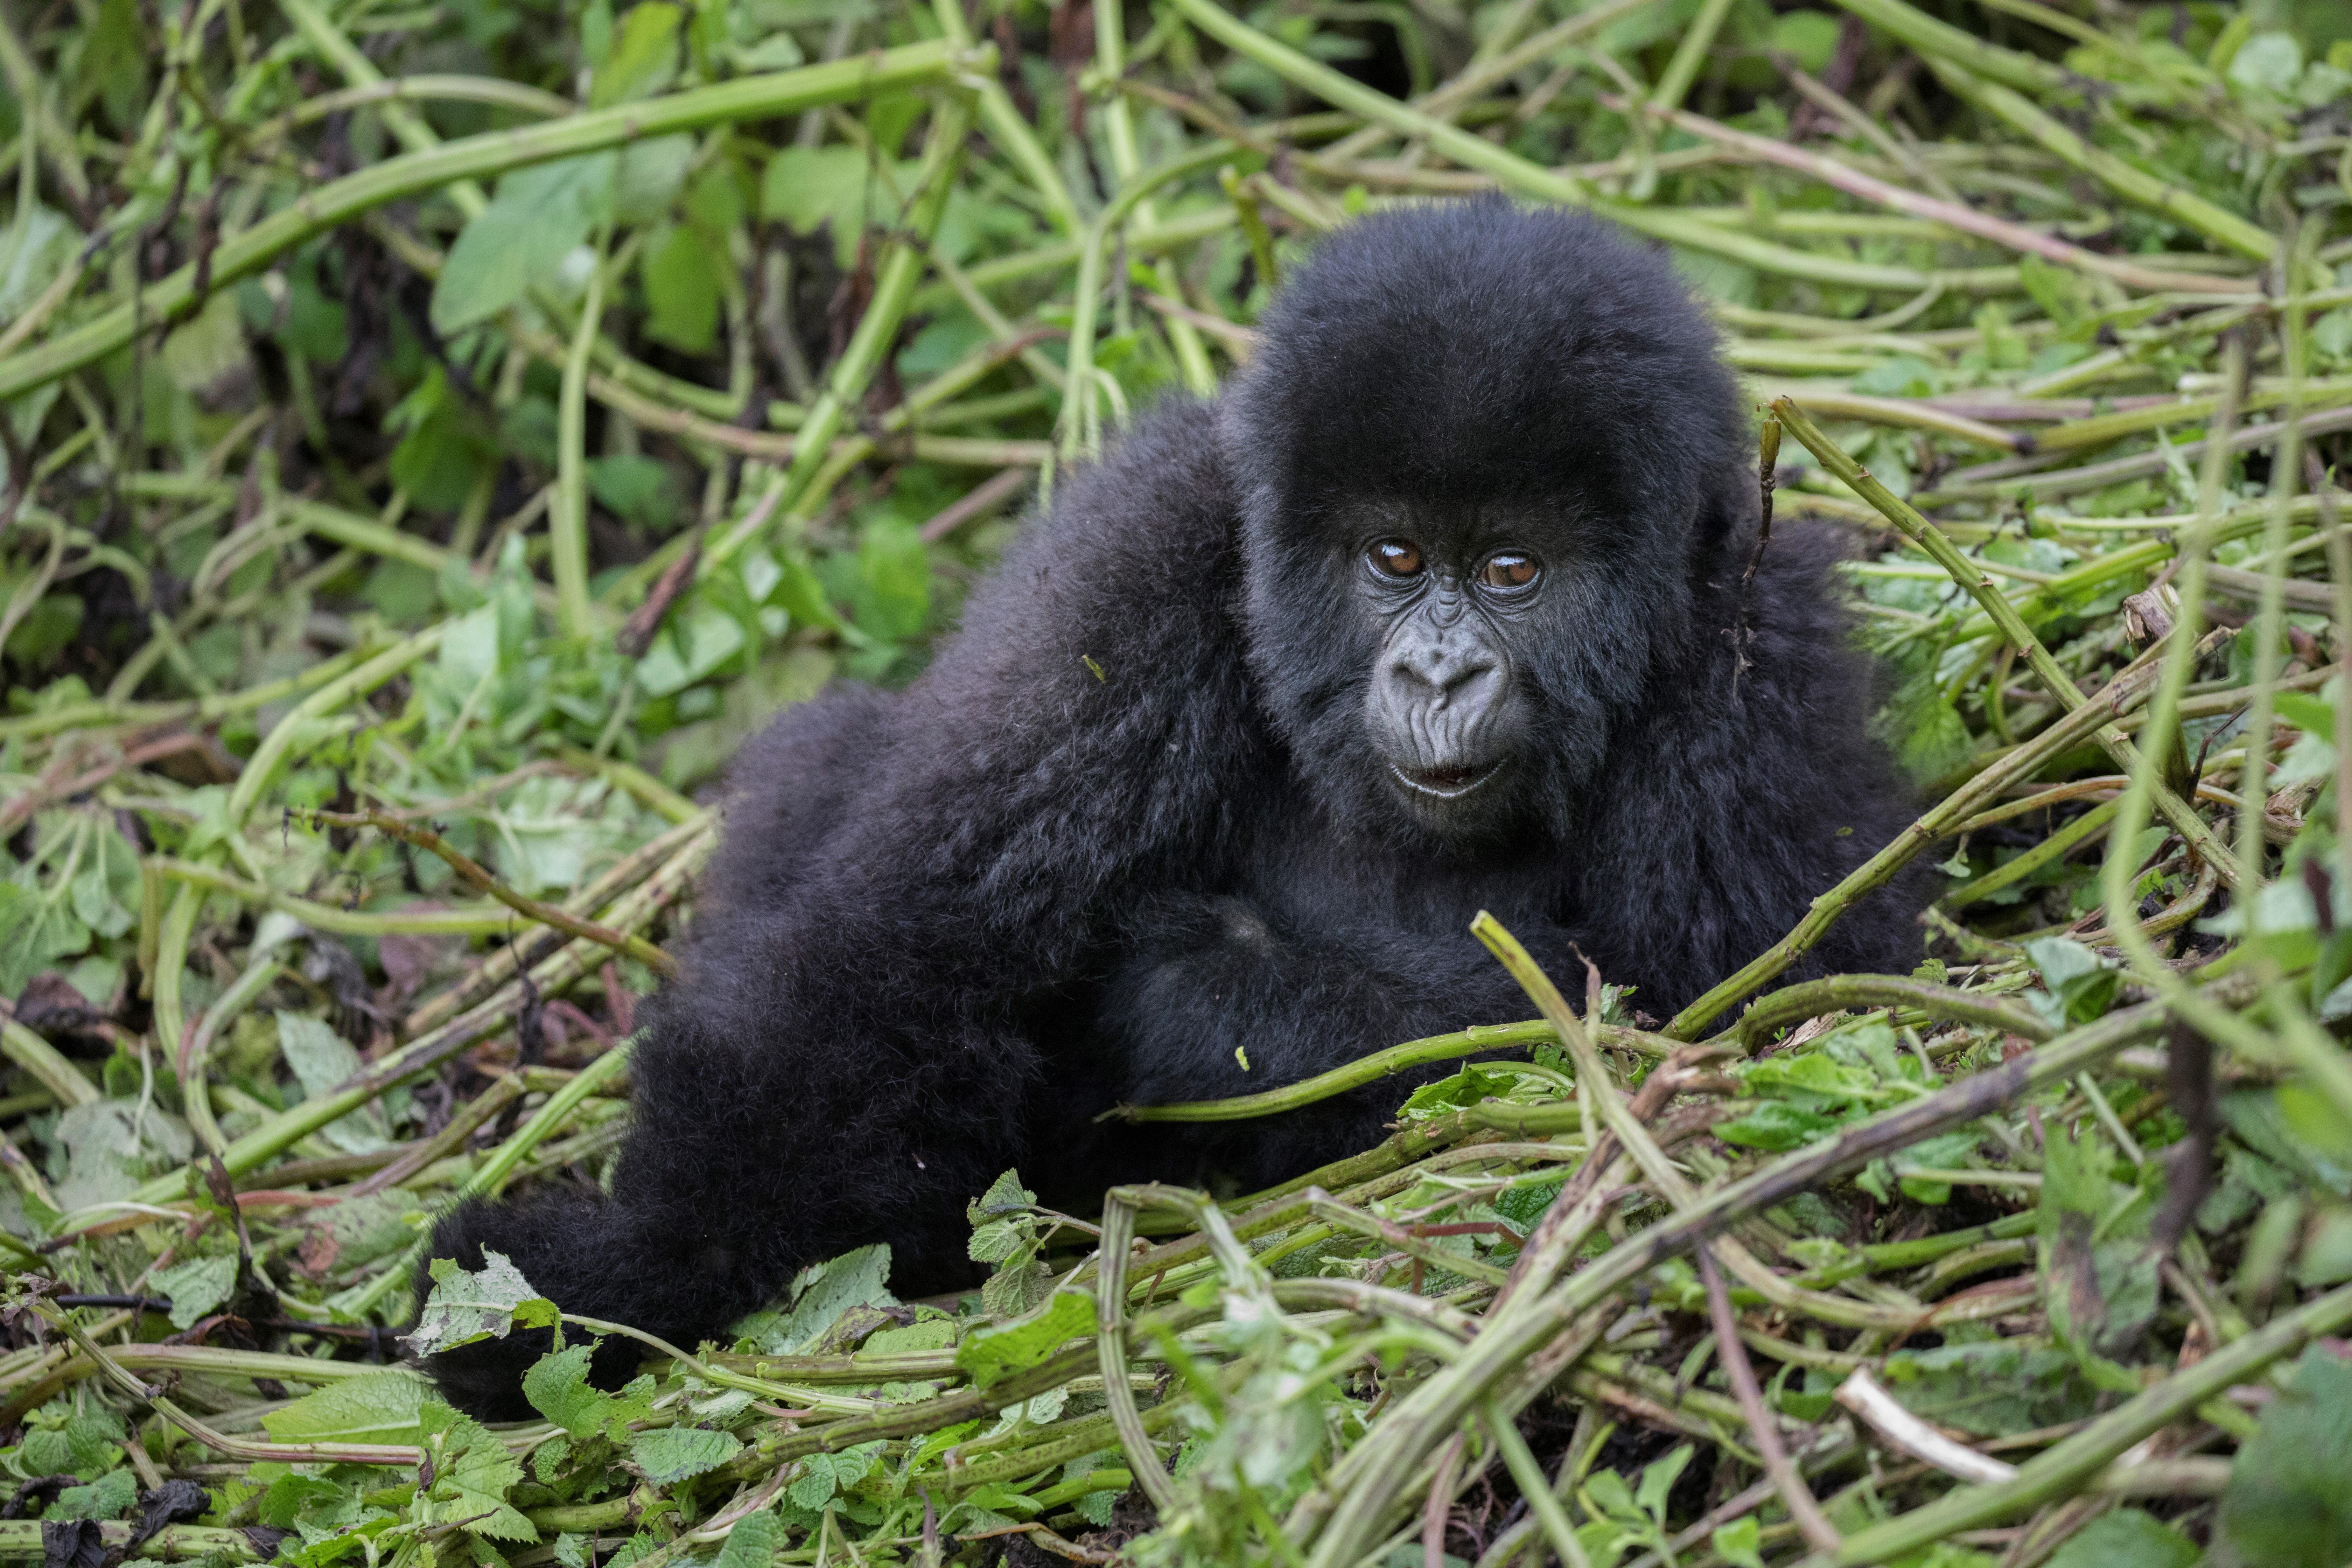 a baby mountain gorilla poses for a photo